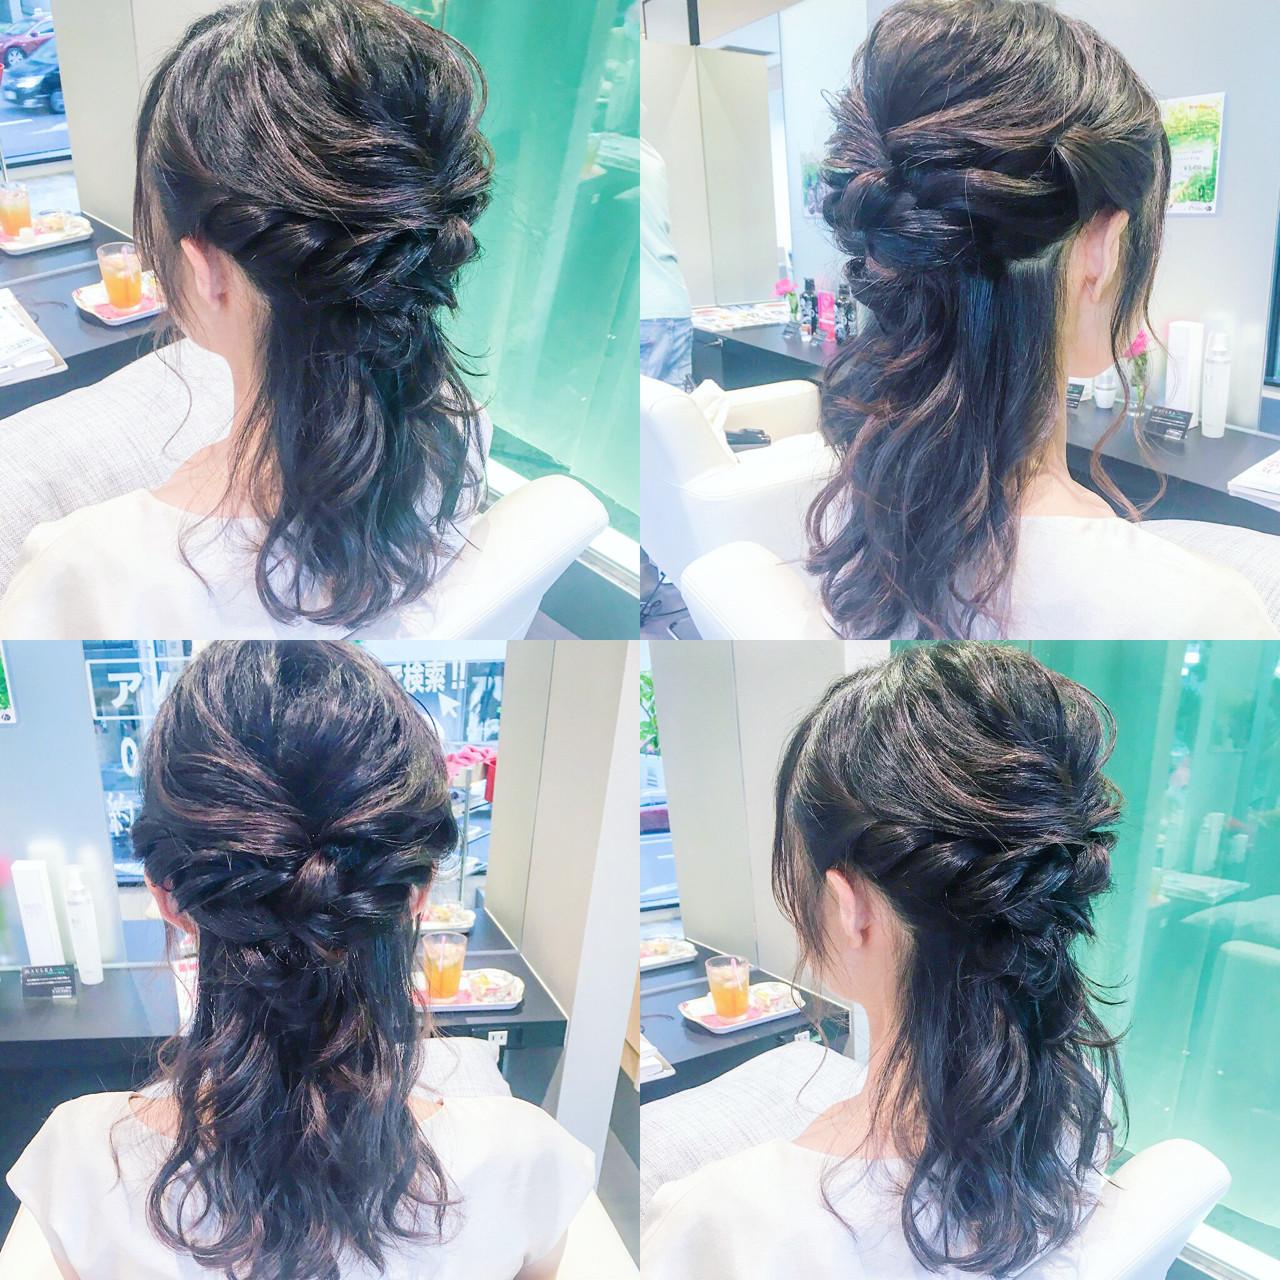 結婚式 ロング ヘアアレンジ 上品 ヘアスタイルや髪型の写真・画像 | 美容師HIRO/Amoute代表 / Amoute/アムティ